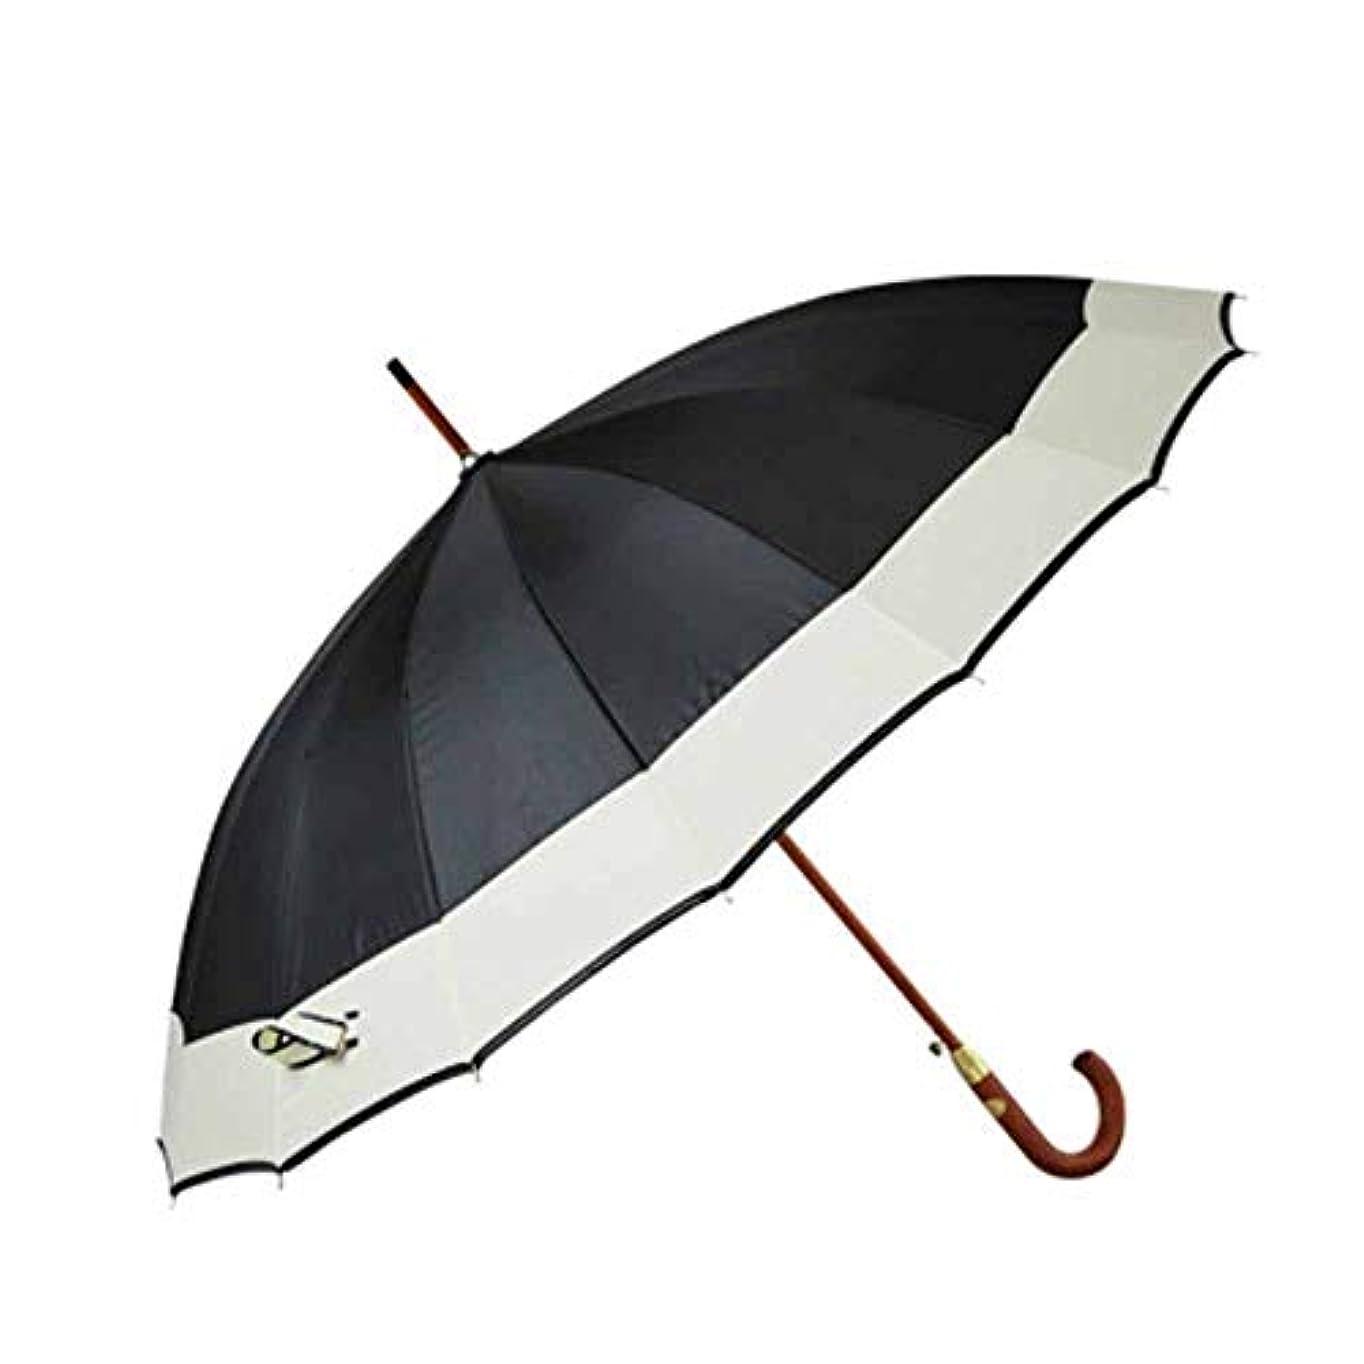 スチールブレークキャリアChuangshengnet 傘木製ハンドルビジネス傘日傘特大傘ストレート傘自動傘防風傘 (Color : ブラック)